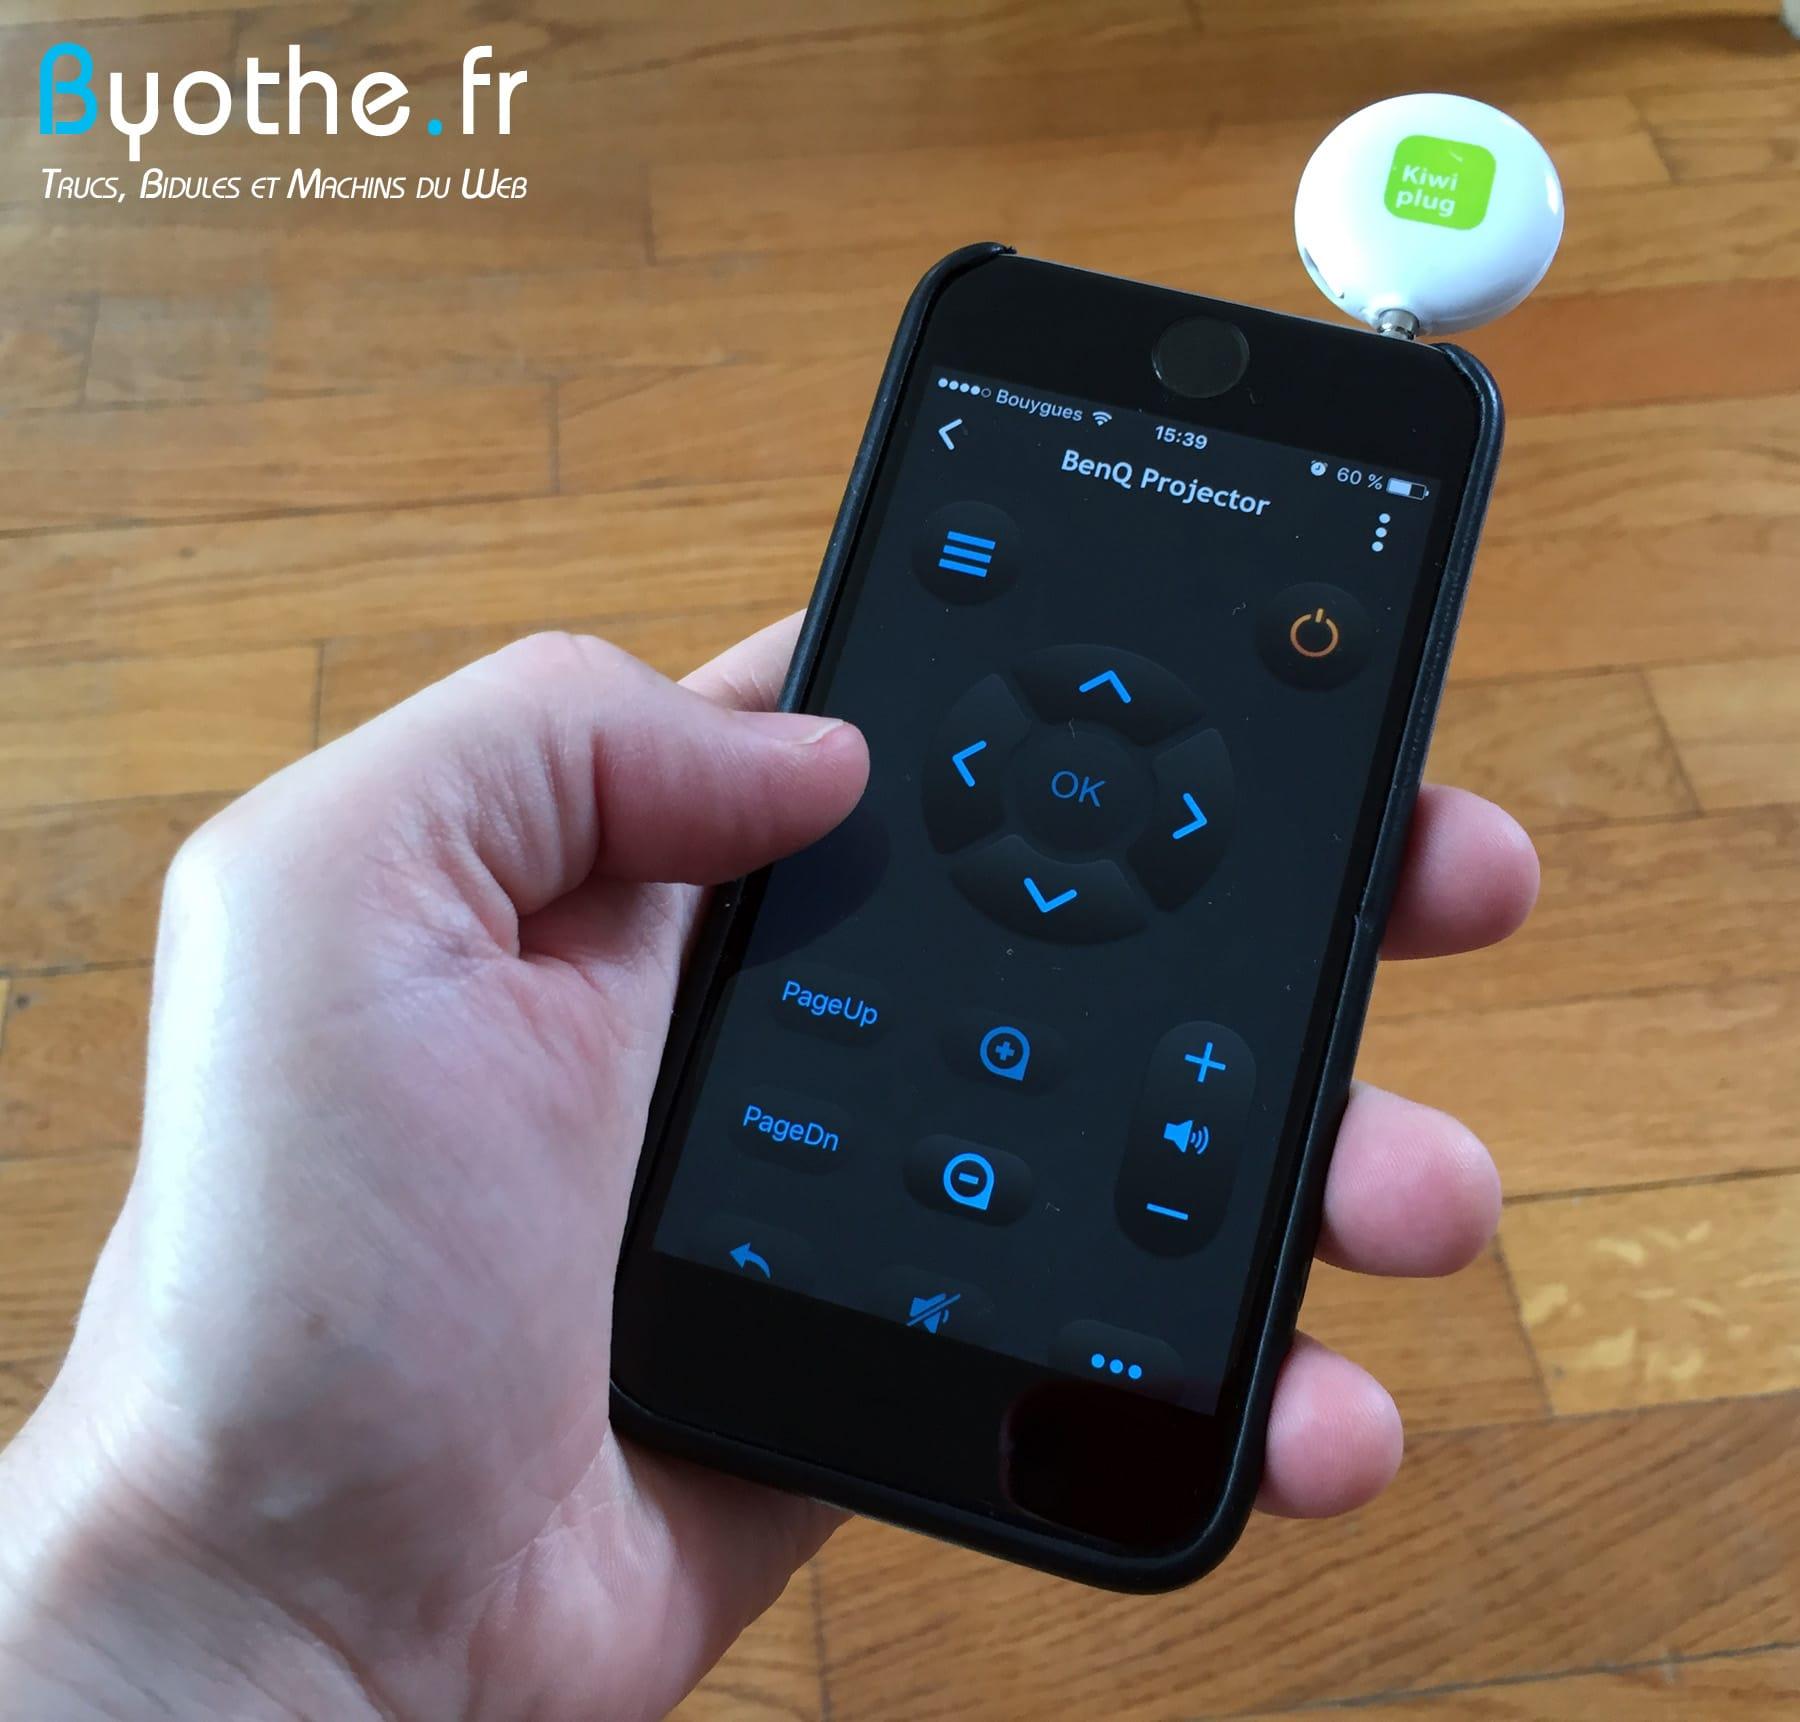 kiwi-plug-iphone2 Kiwi plug : transformez votre smartphone en télécommande universelle